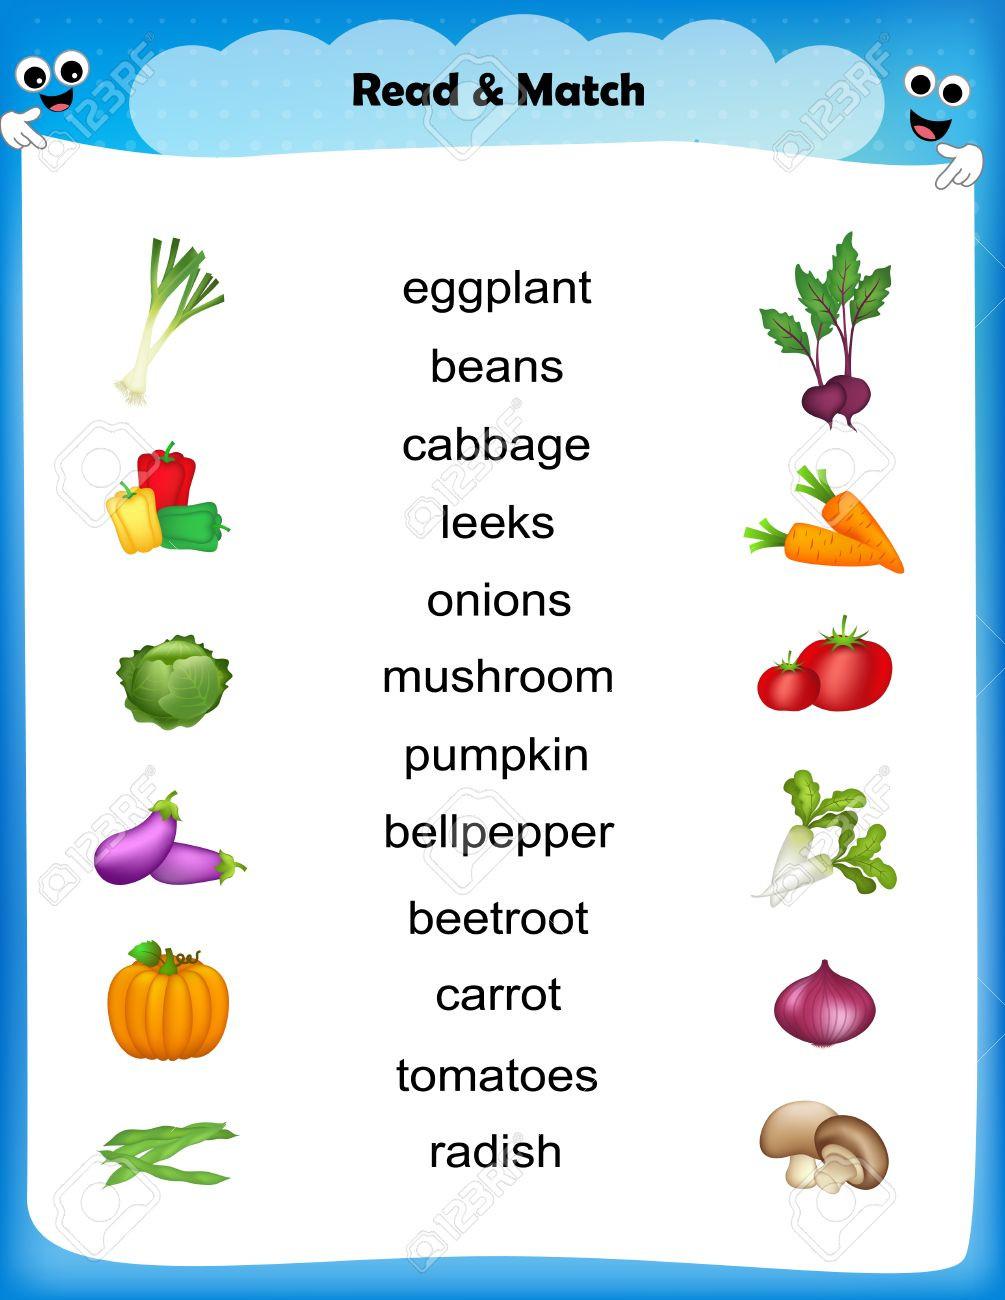 Vegetables Worksheets for Kindergarten Worksheet Match Ve Able Images with their Names Worksheet